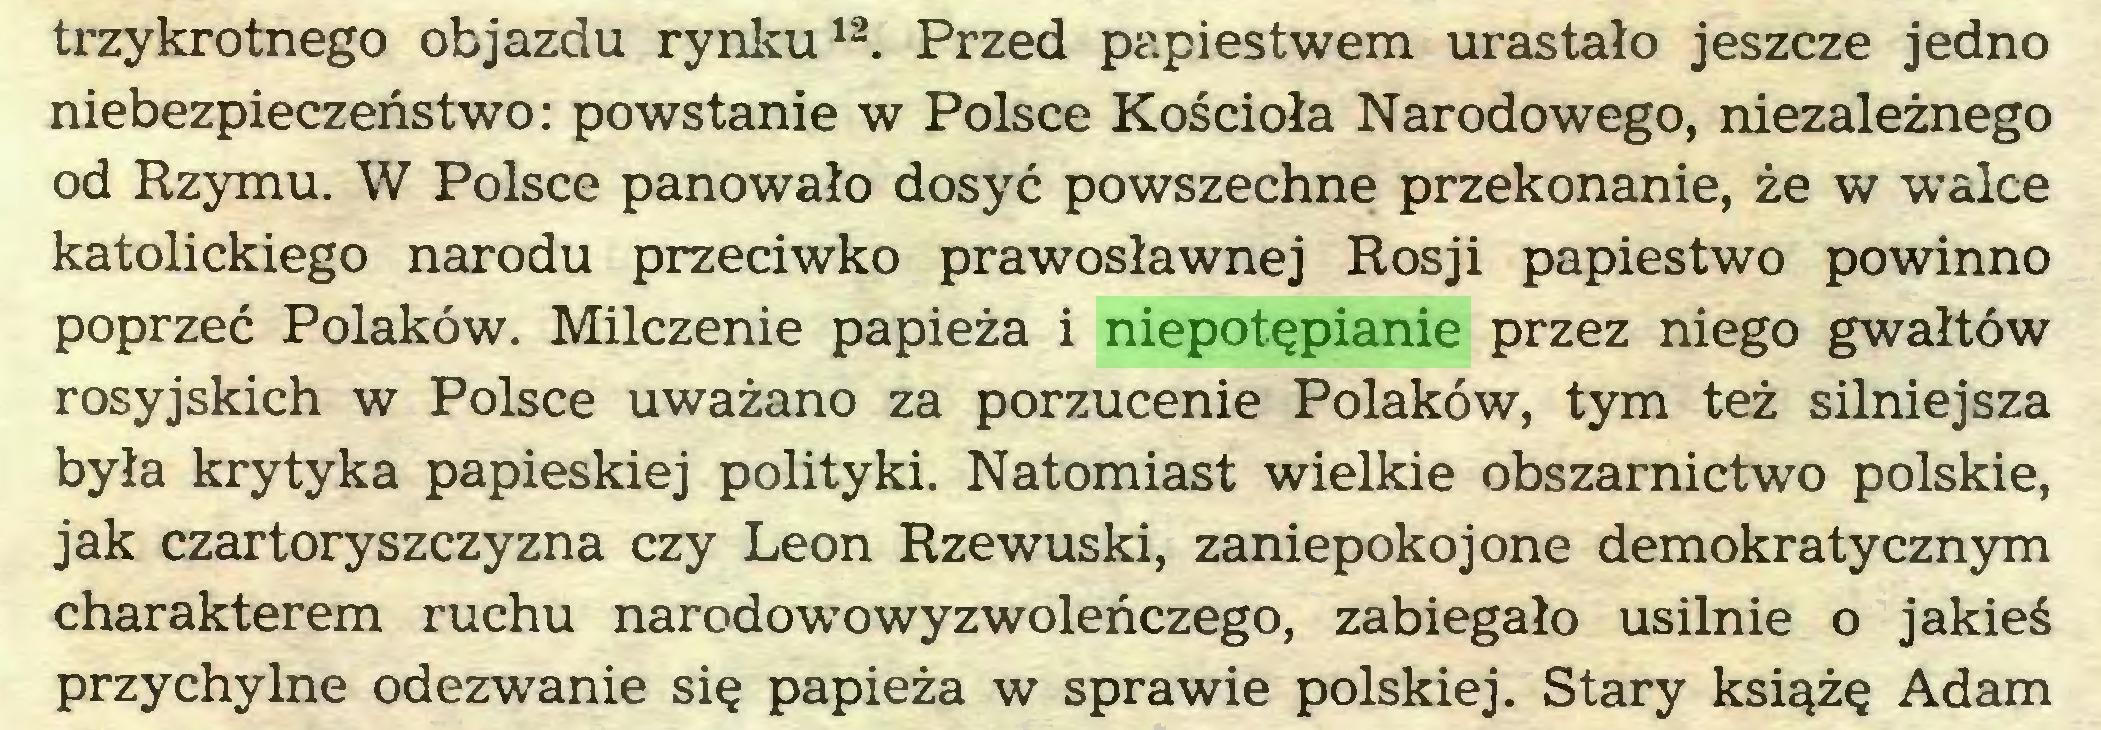 (...) trzykrotnego objazdu rynku12  *. Przed papiestwem urastało jeszcze jedno niebezpieczeństwo: powstanie w Polsce Kościoła Narodowego, niezależnego od Rzymu. W Polsce panowało dosyć powszechne przekonanie, że w walce katolickiego narodu przeciwko prawosławnej Rosji papiestwo powinno poprzeć Polaków. Milczenie papieża i niepotępianie przez niego gwałtów rosyjskich w Polsce uważano za porzucenie Polaków, tym też silniejsza była krytyka papieskiej polityki. Natomiast wielkie obszarnictwo polskie, jak czartoryszczyzna czy Leon Rzewuski, zaniepokojone demokratycznym charakterem ruchu narodowowyzwoleńczego, zabiegało usilnie o jakieś przychylne odezwanie się papieża w sprawie polskiej. Stary książę Adam...